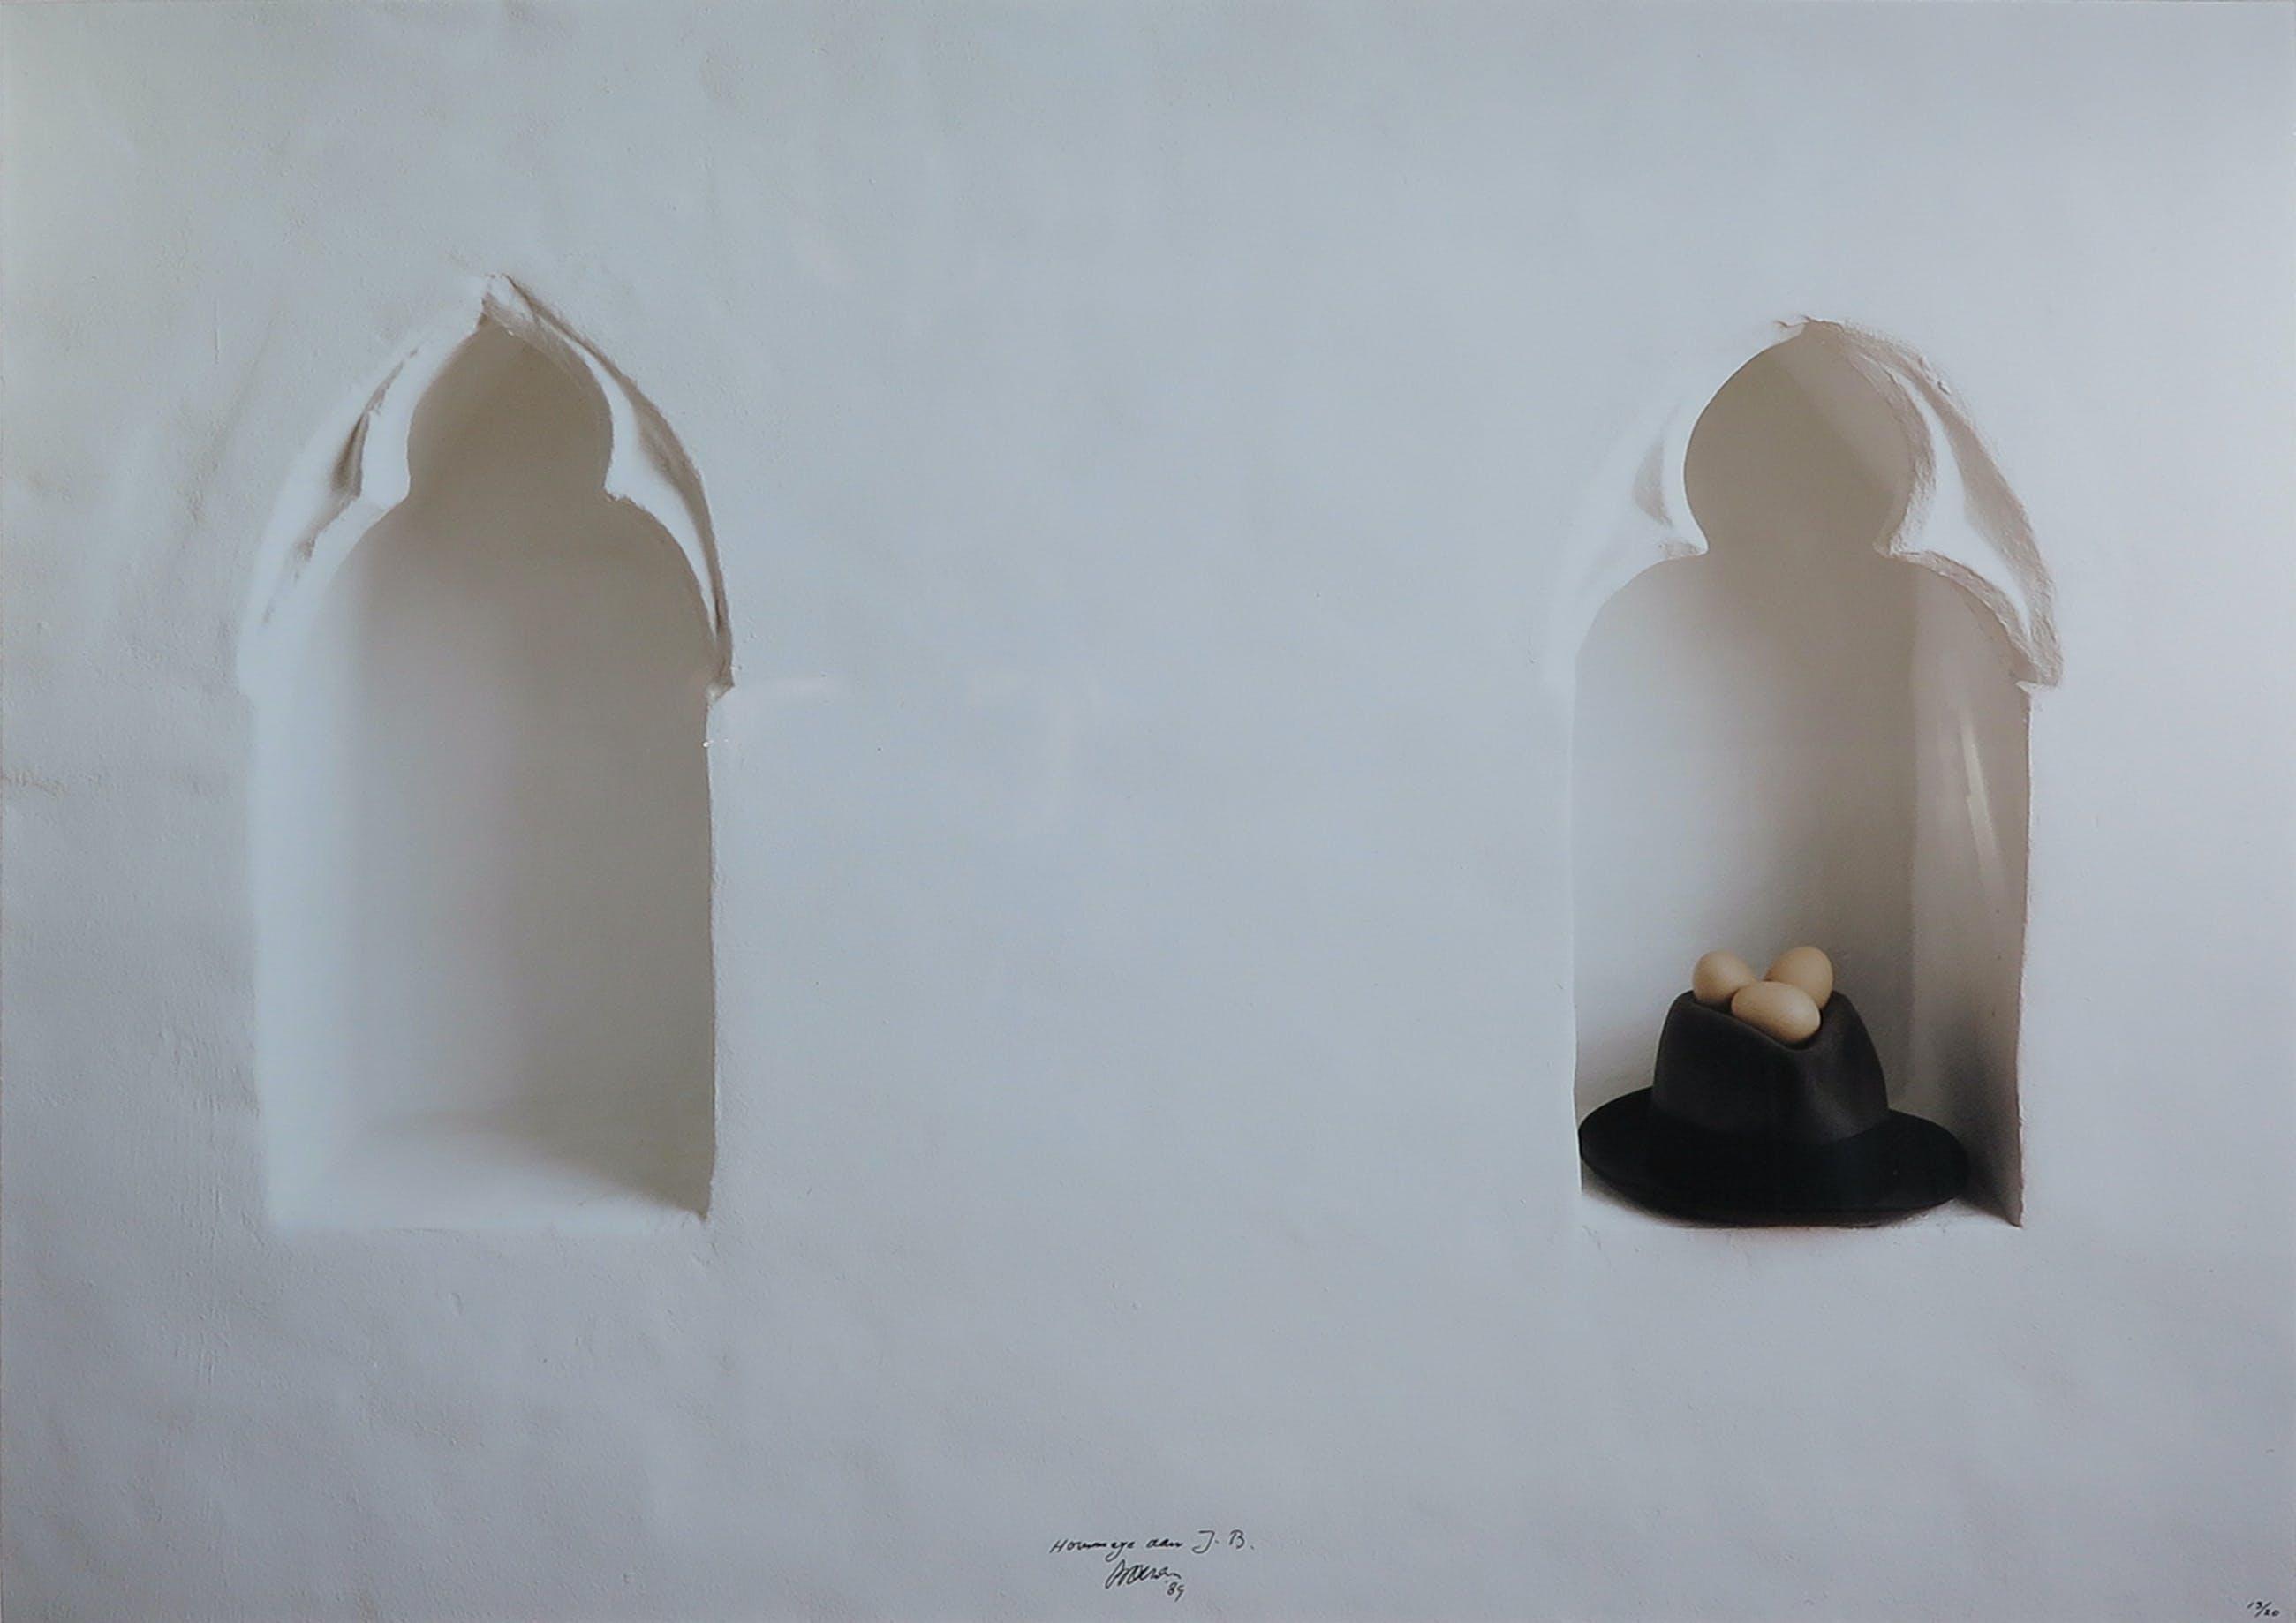 Marinus Boezem - Foto, Hommage aan Joseph Beuys - Ingelijst kopen? Bied vanaf 1!